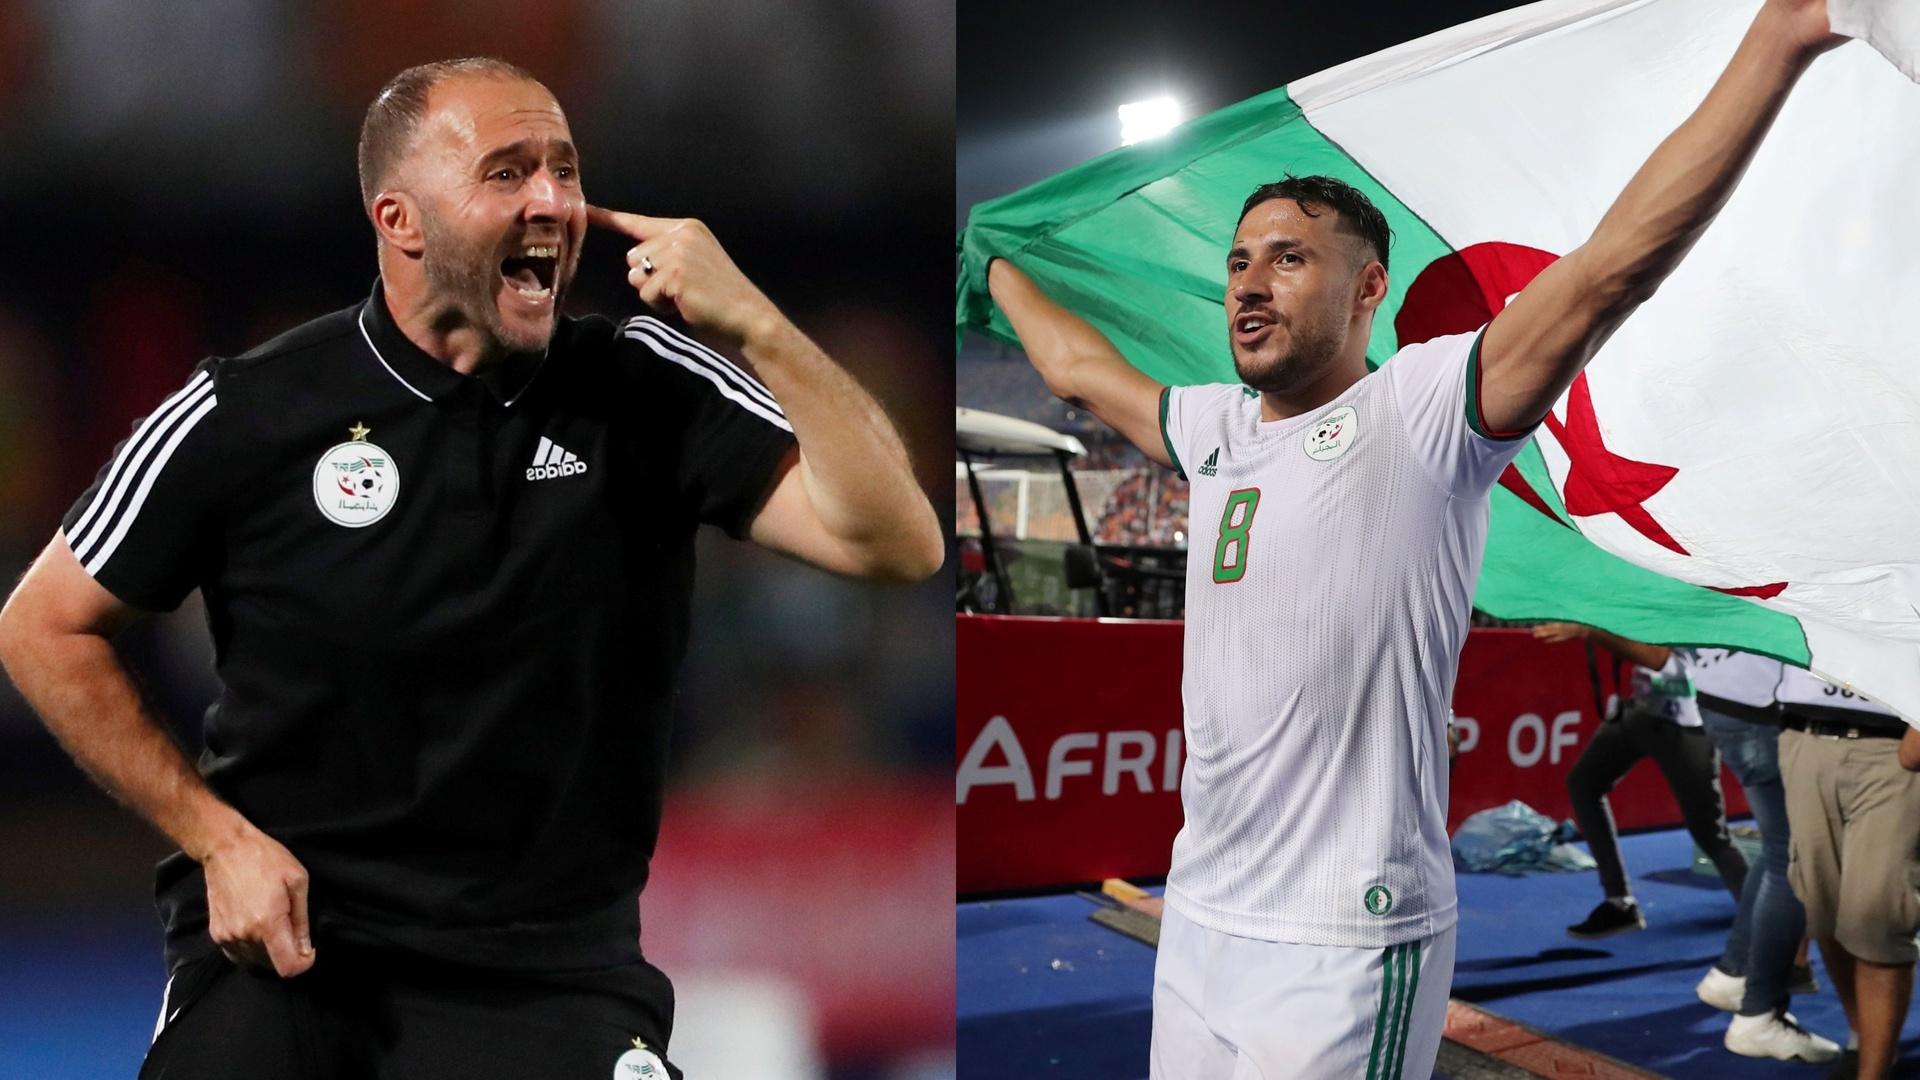 بلماضي يحسم مصير بلايلي مع المنتخب الجزائري